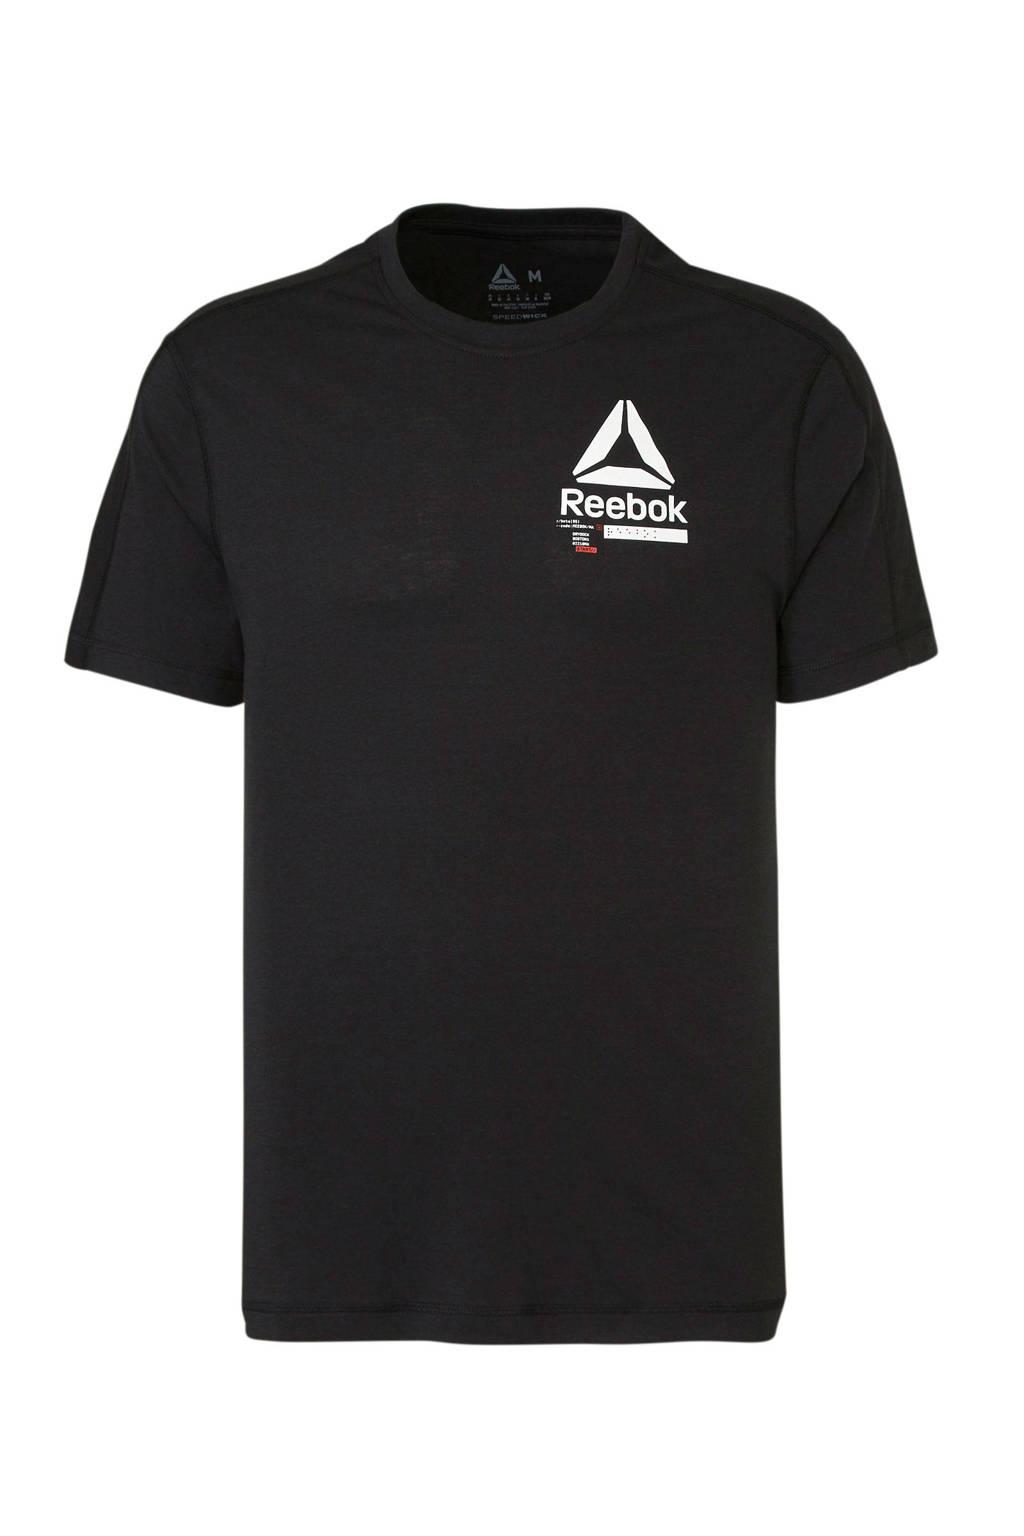 Reebok   sport T-shirt zwart, Zwart